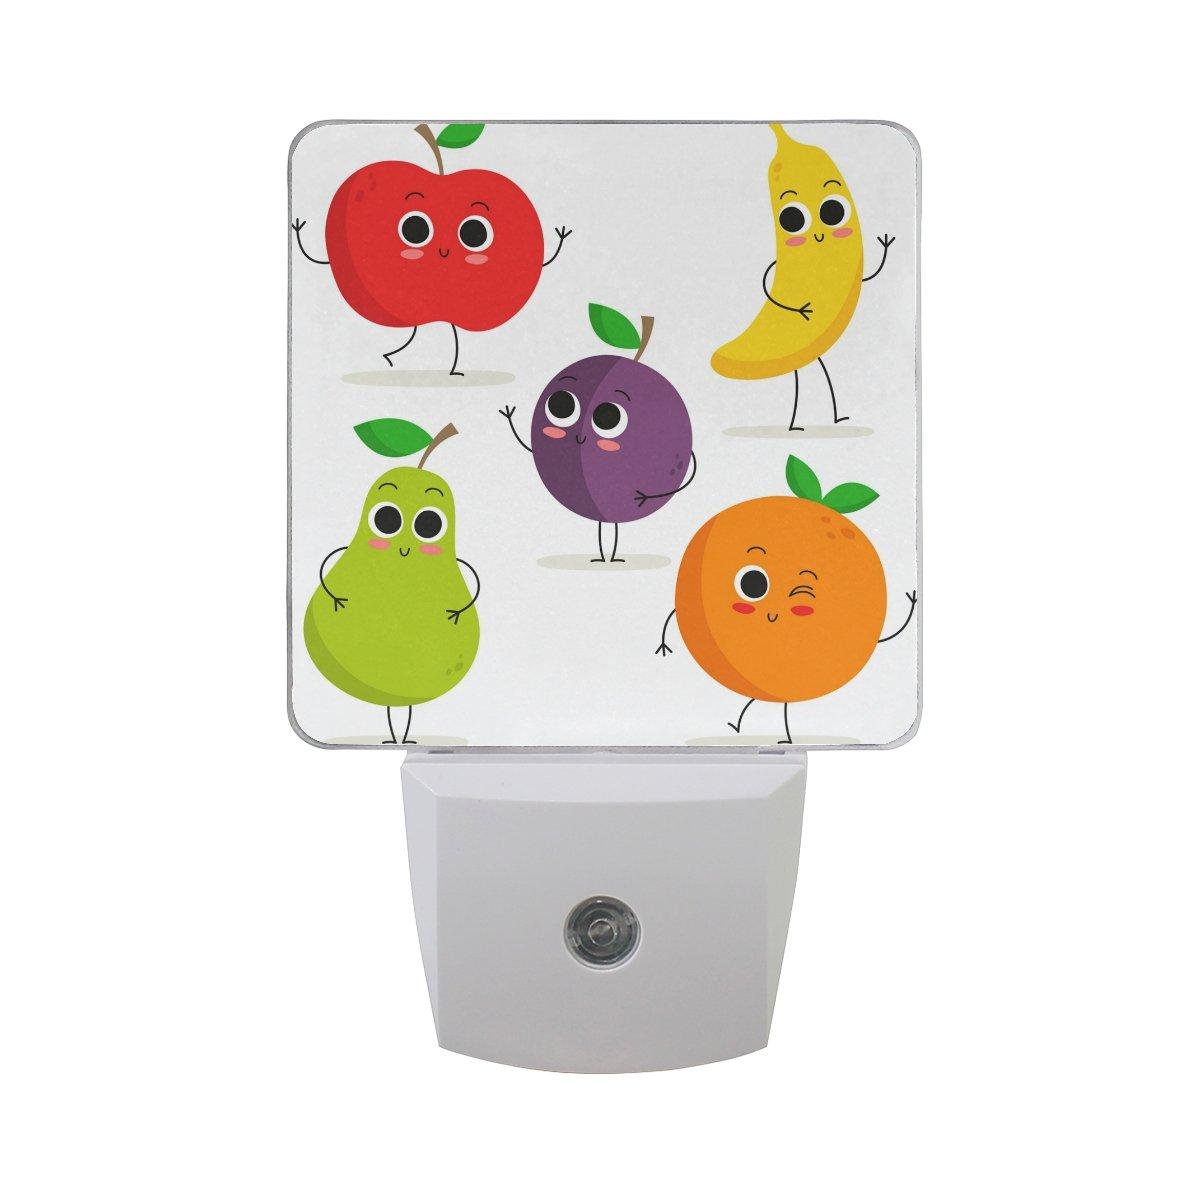 プラグインLED夜ライトランプCute Cartoon Fruit文字印刷with Dusk to Dawnセンサーのベッドルーム、バスルーム、廊下、階段、2 pack-0.5 W B07CVB1WDP